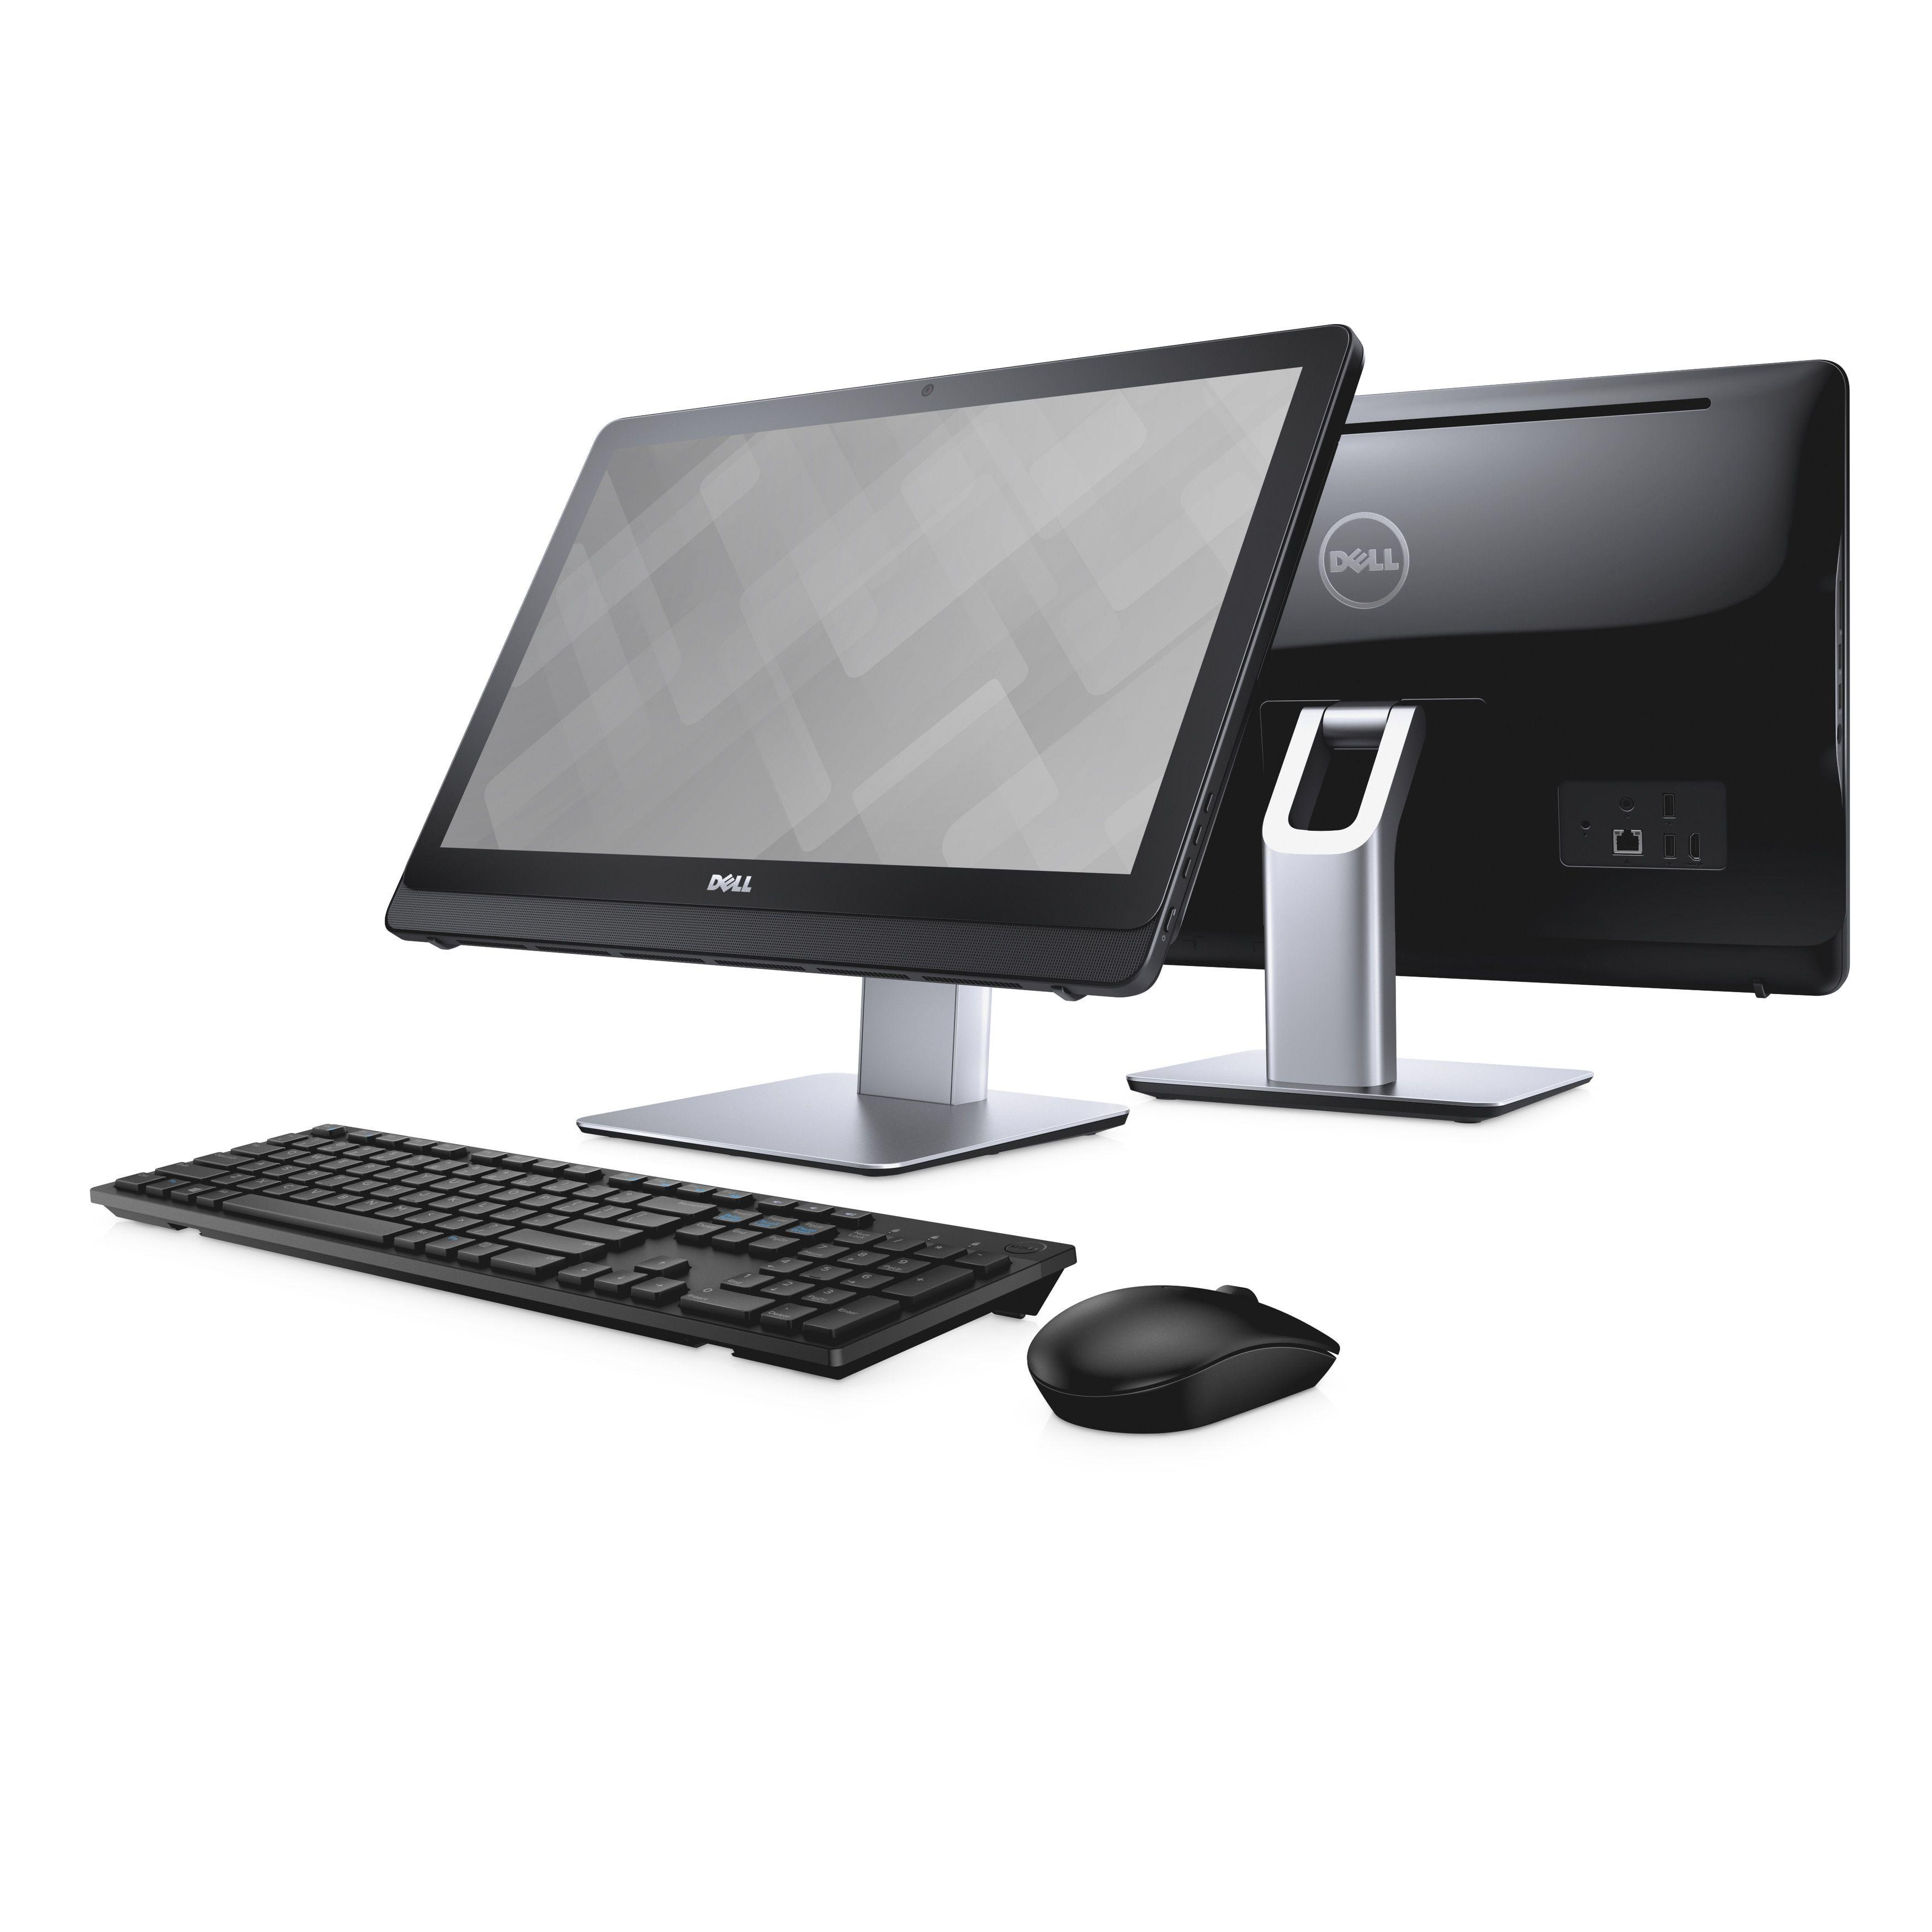 Dell Inspiron 22 3000 223263 AllinOne Computer